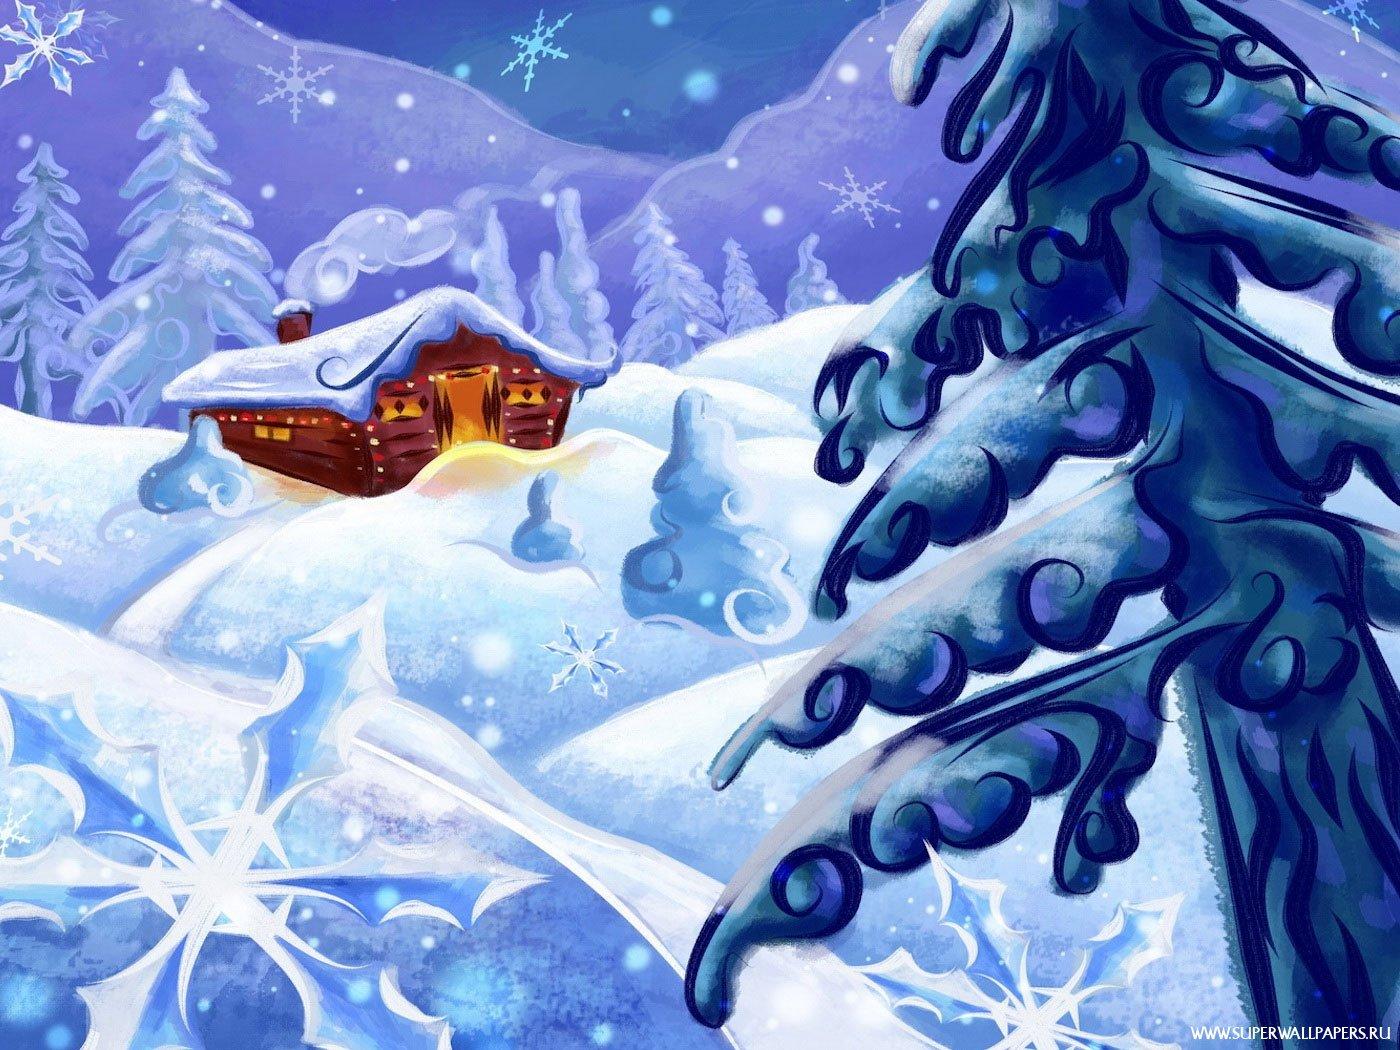 Картинка новорічні картинки на